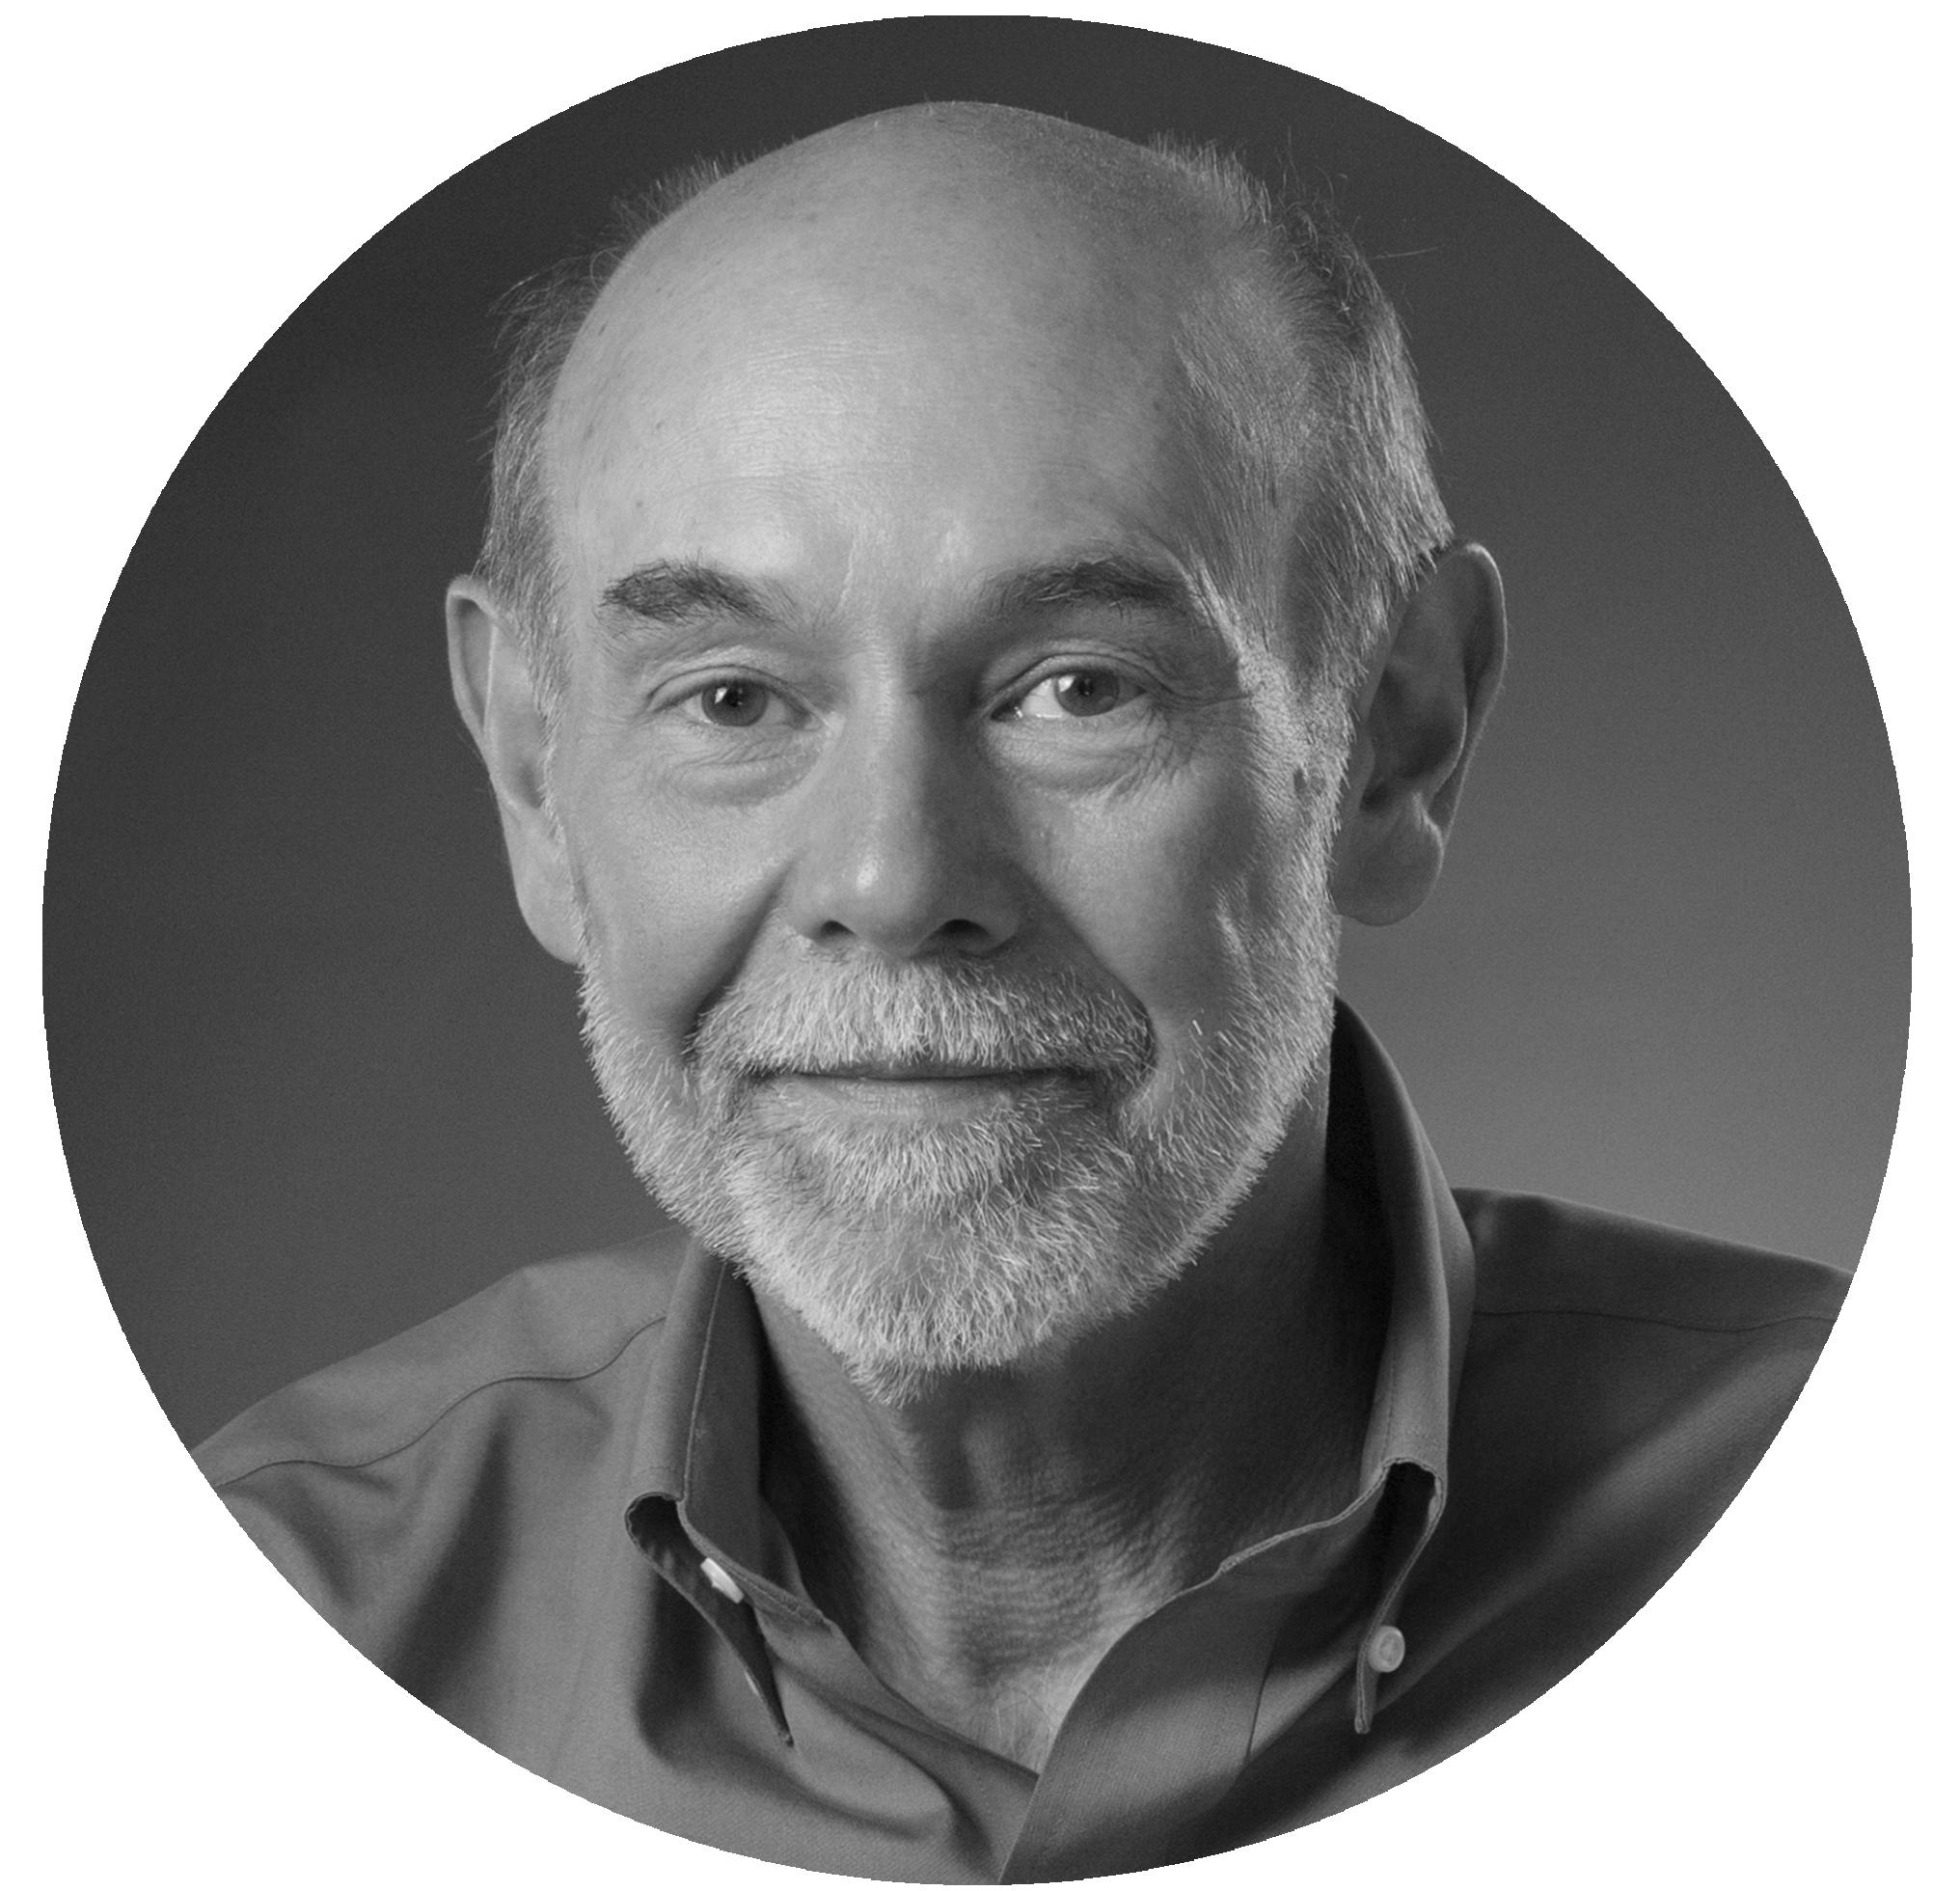 Eric O. Pempus, AIA, LEED GA